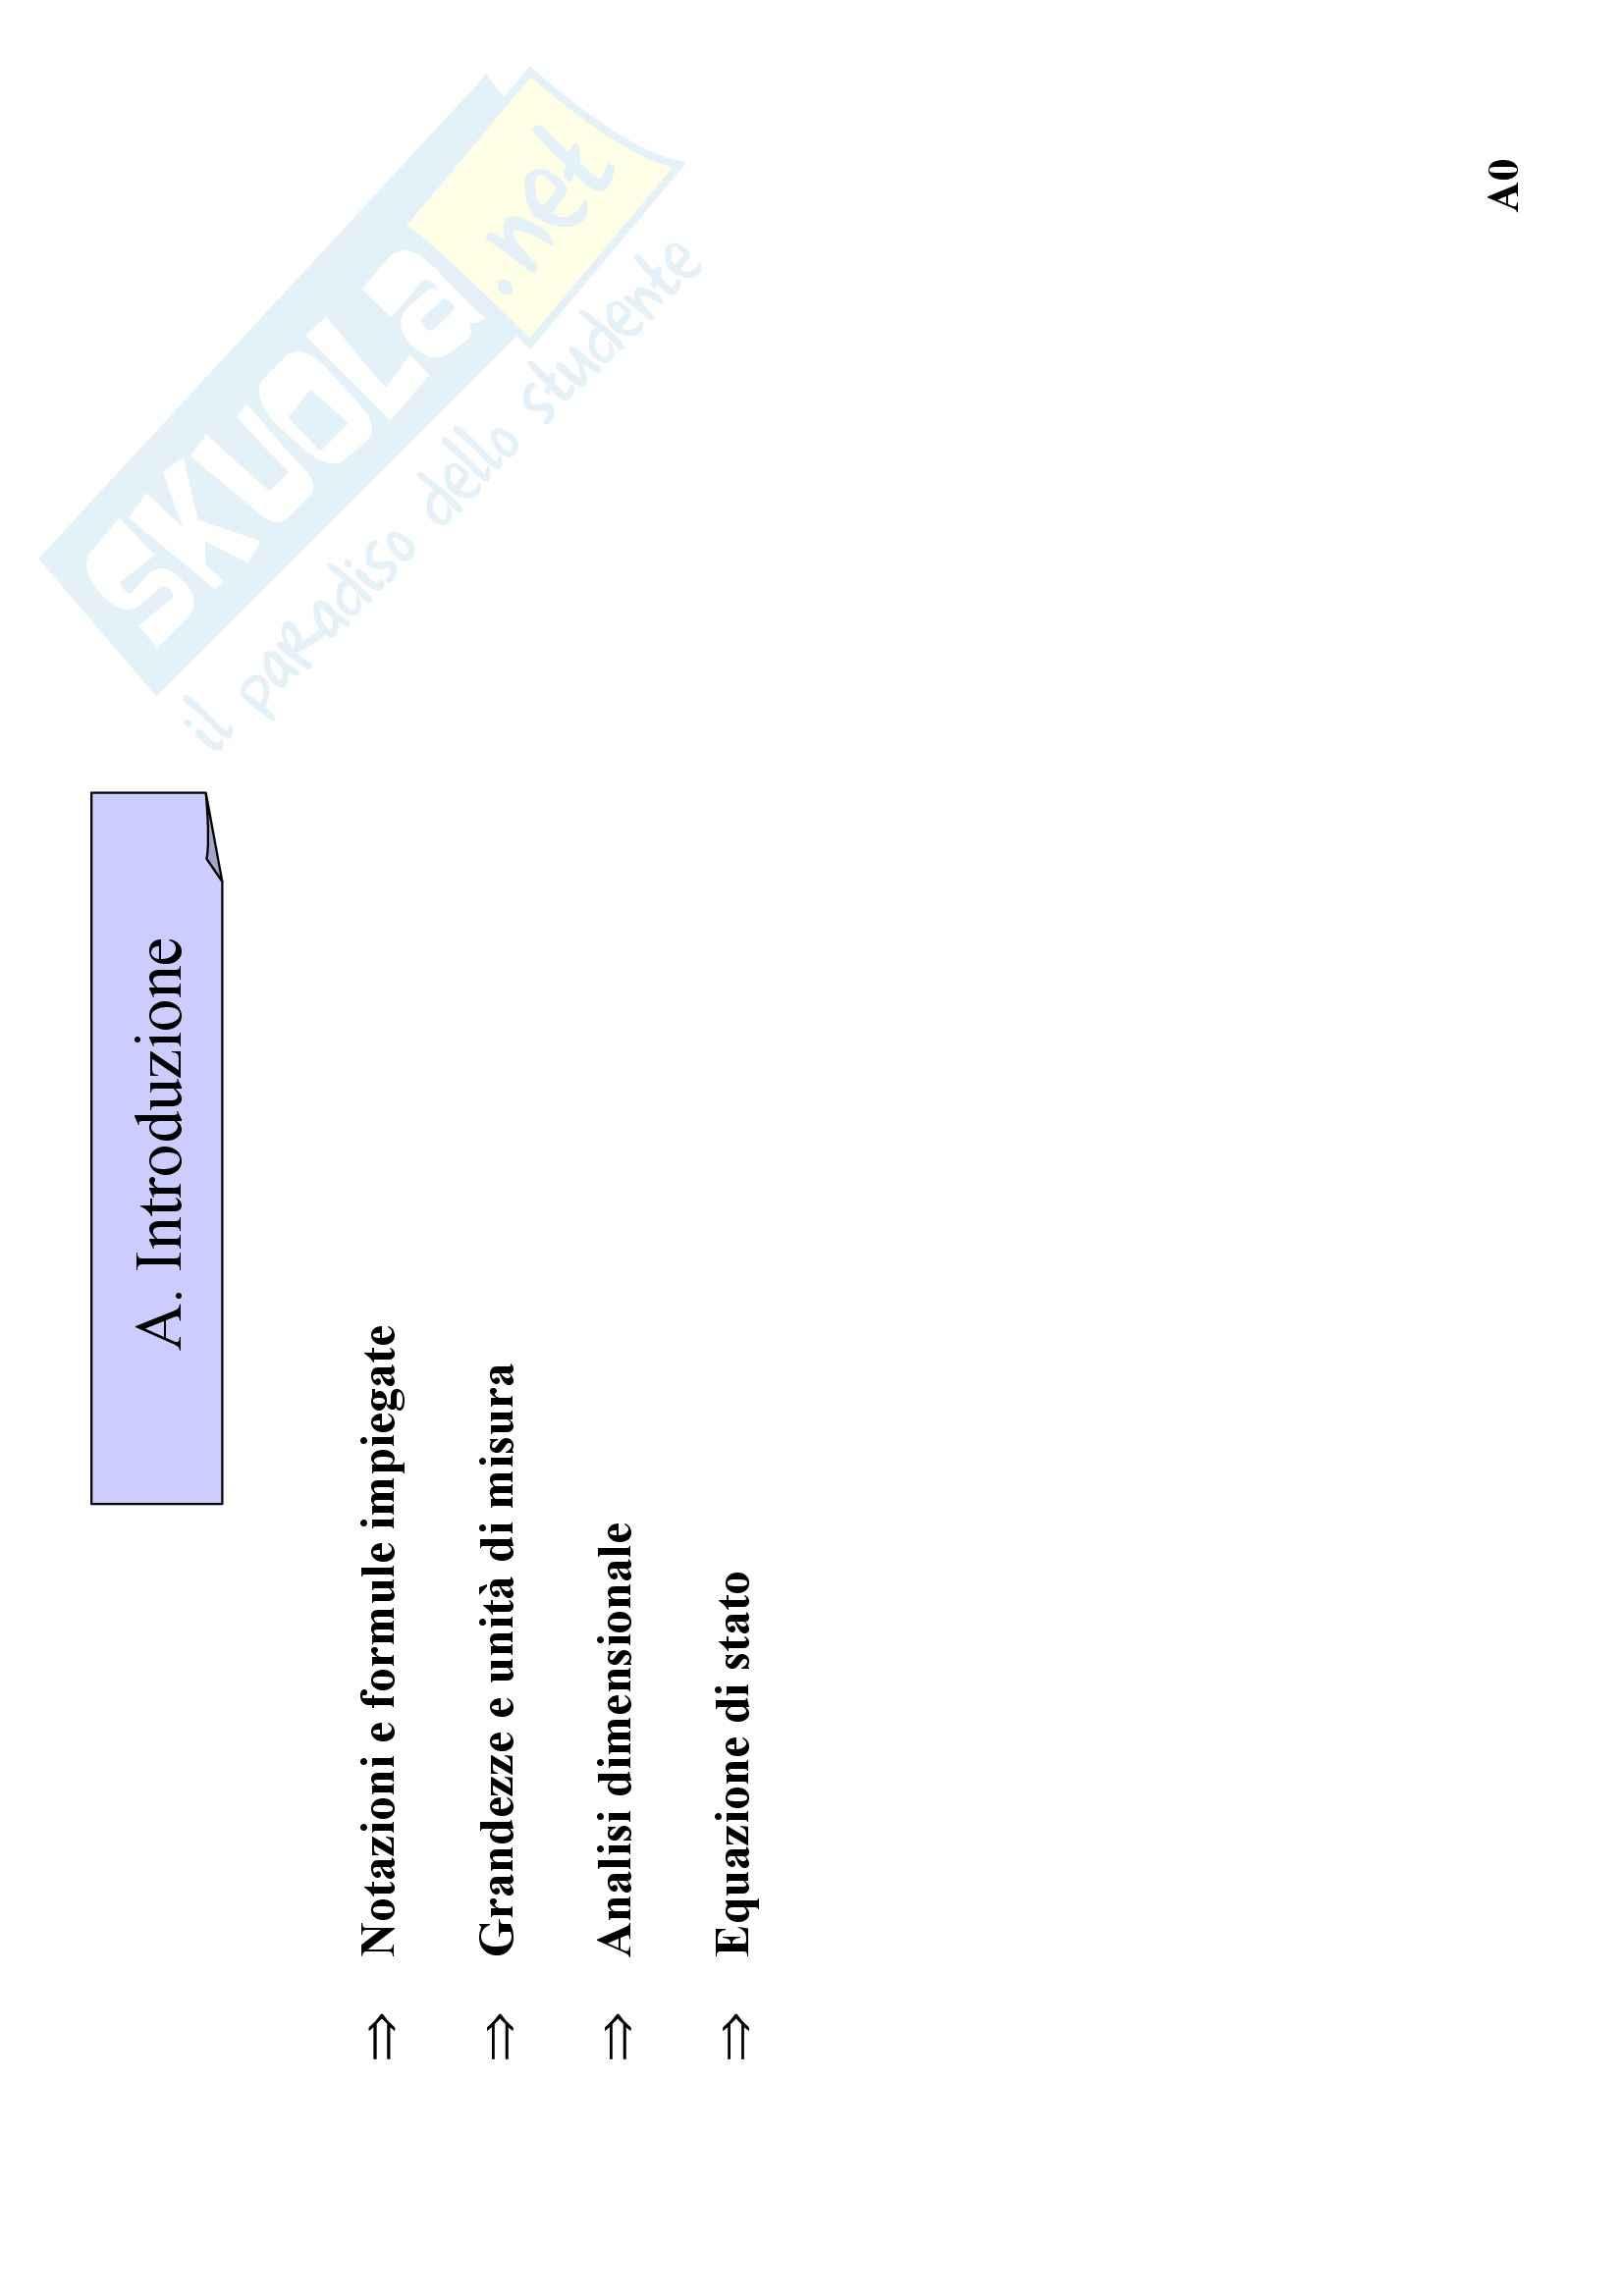 Ingegneria civile - idraulica